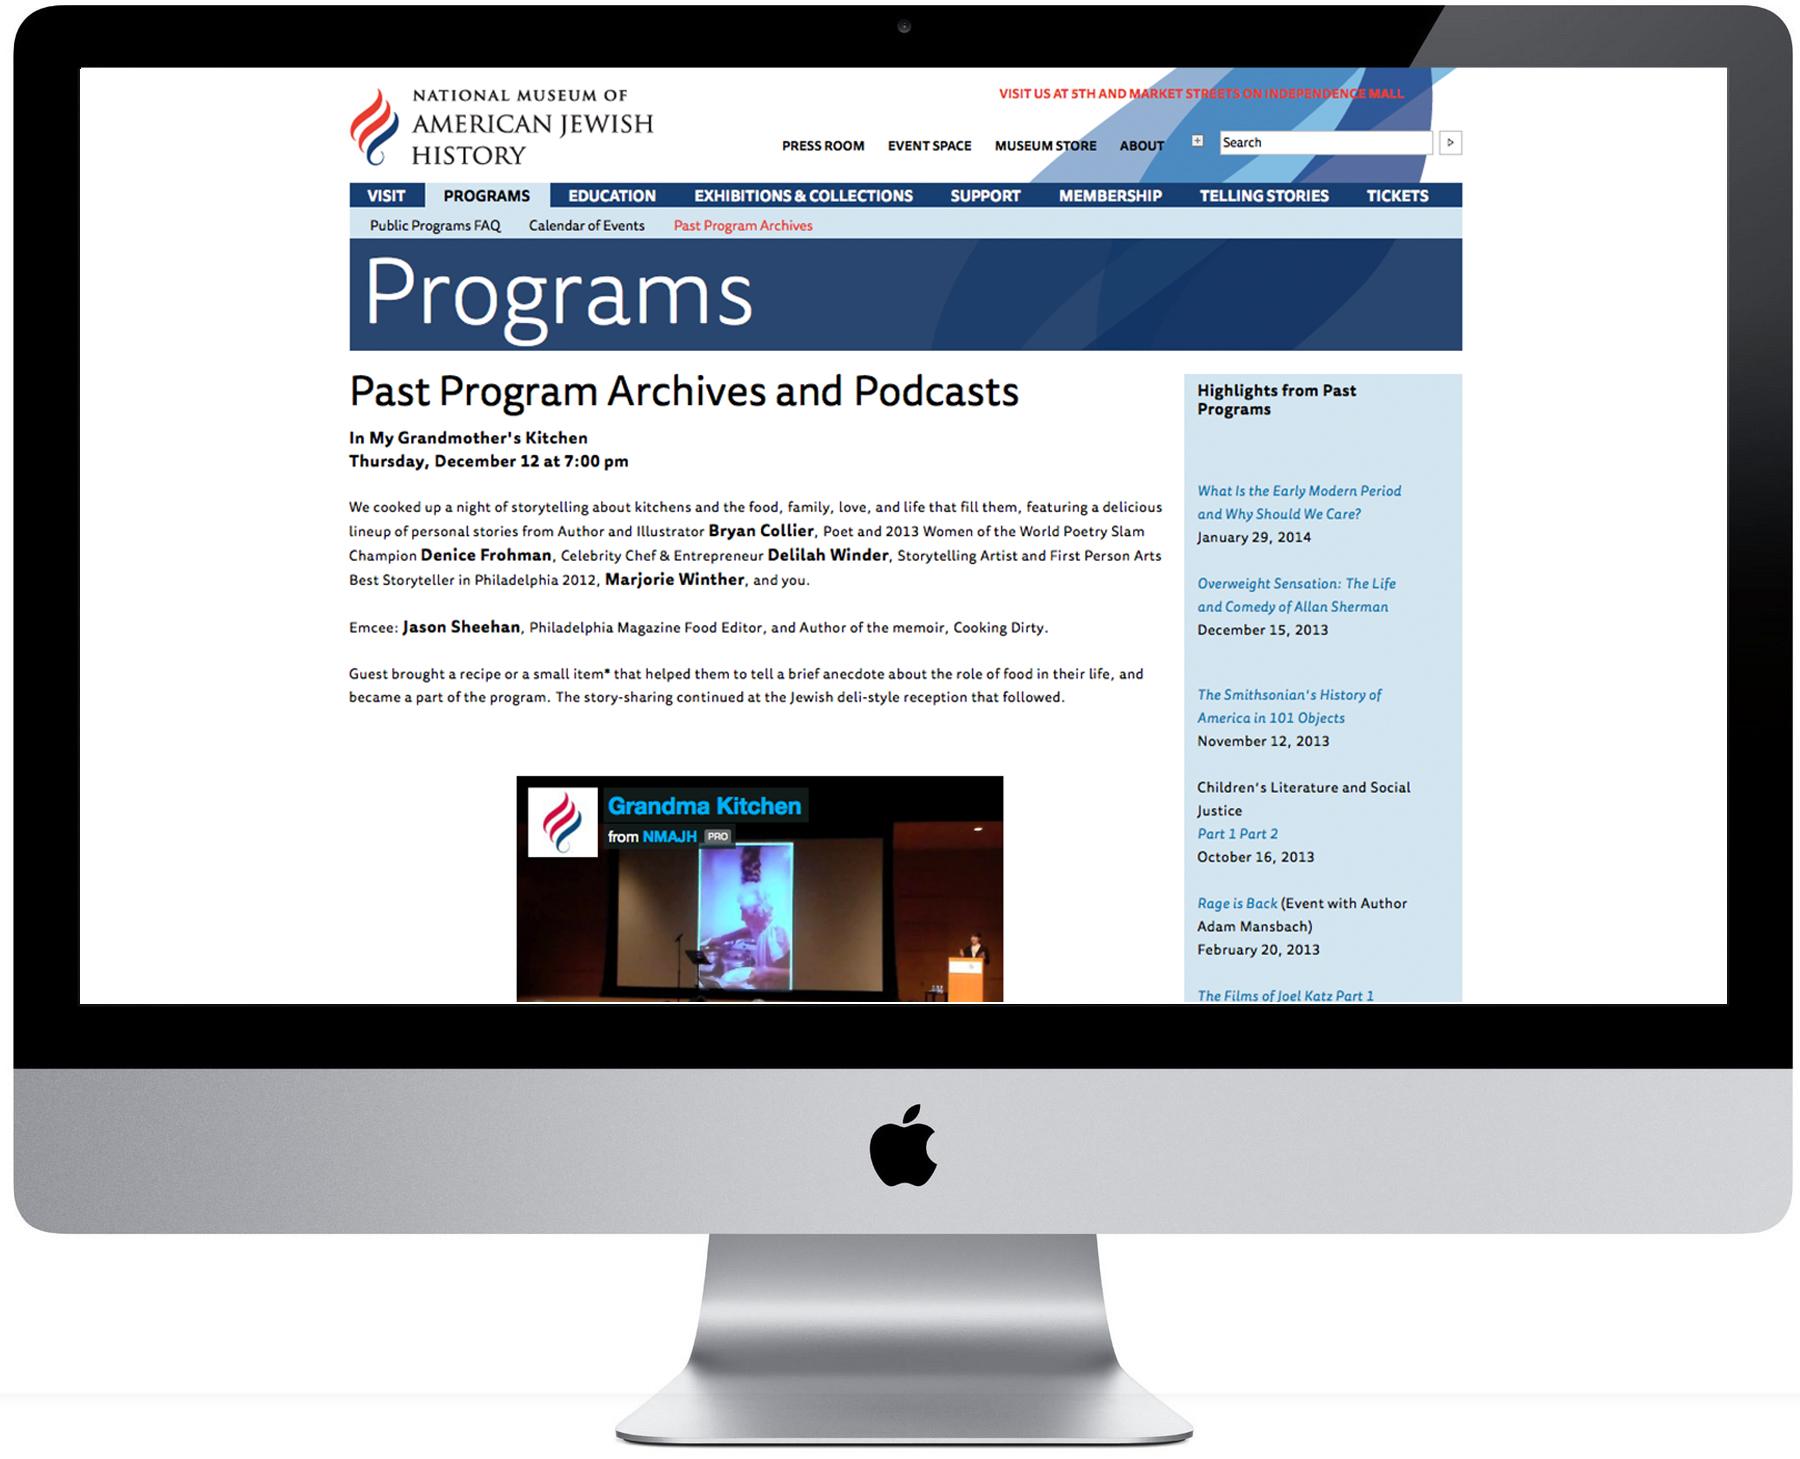 NMAJH_Programs_BEH.jpg